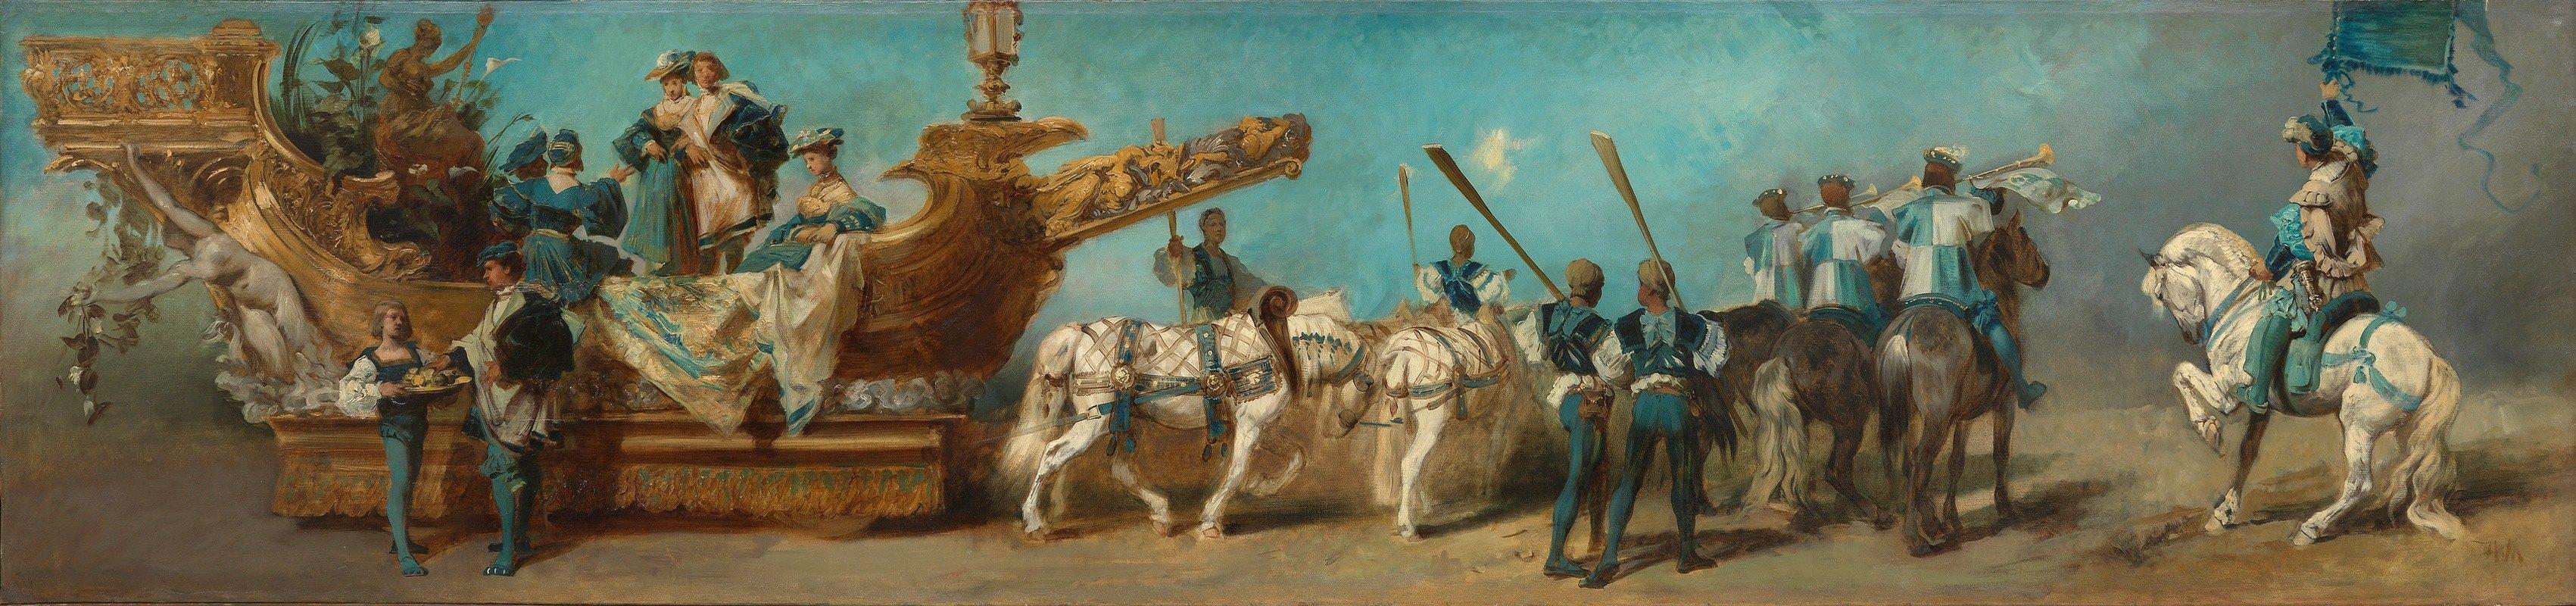 Hans Makart - Entwurf zum Festzug 1879 – Die Donaudampfschifffahrtsgesellschaft